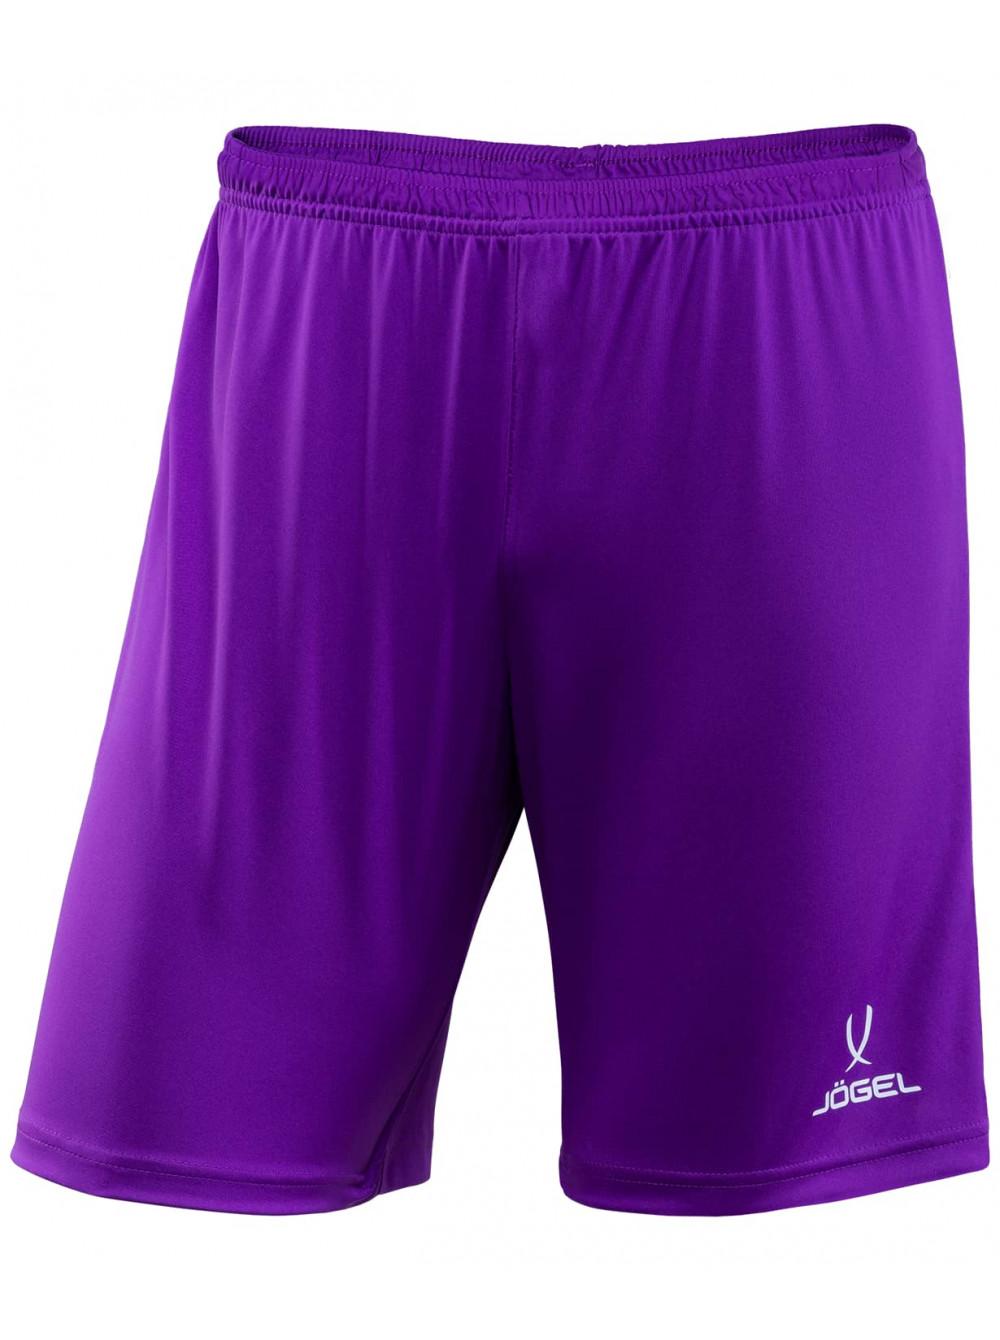 Купить Шорты футбольные детские Jögel CAMP JFS-1120-V1-K фиолетовый/белый, р. 122, Jogel,